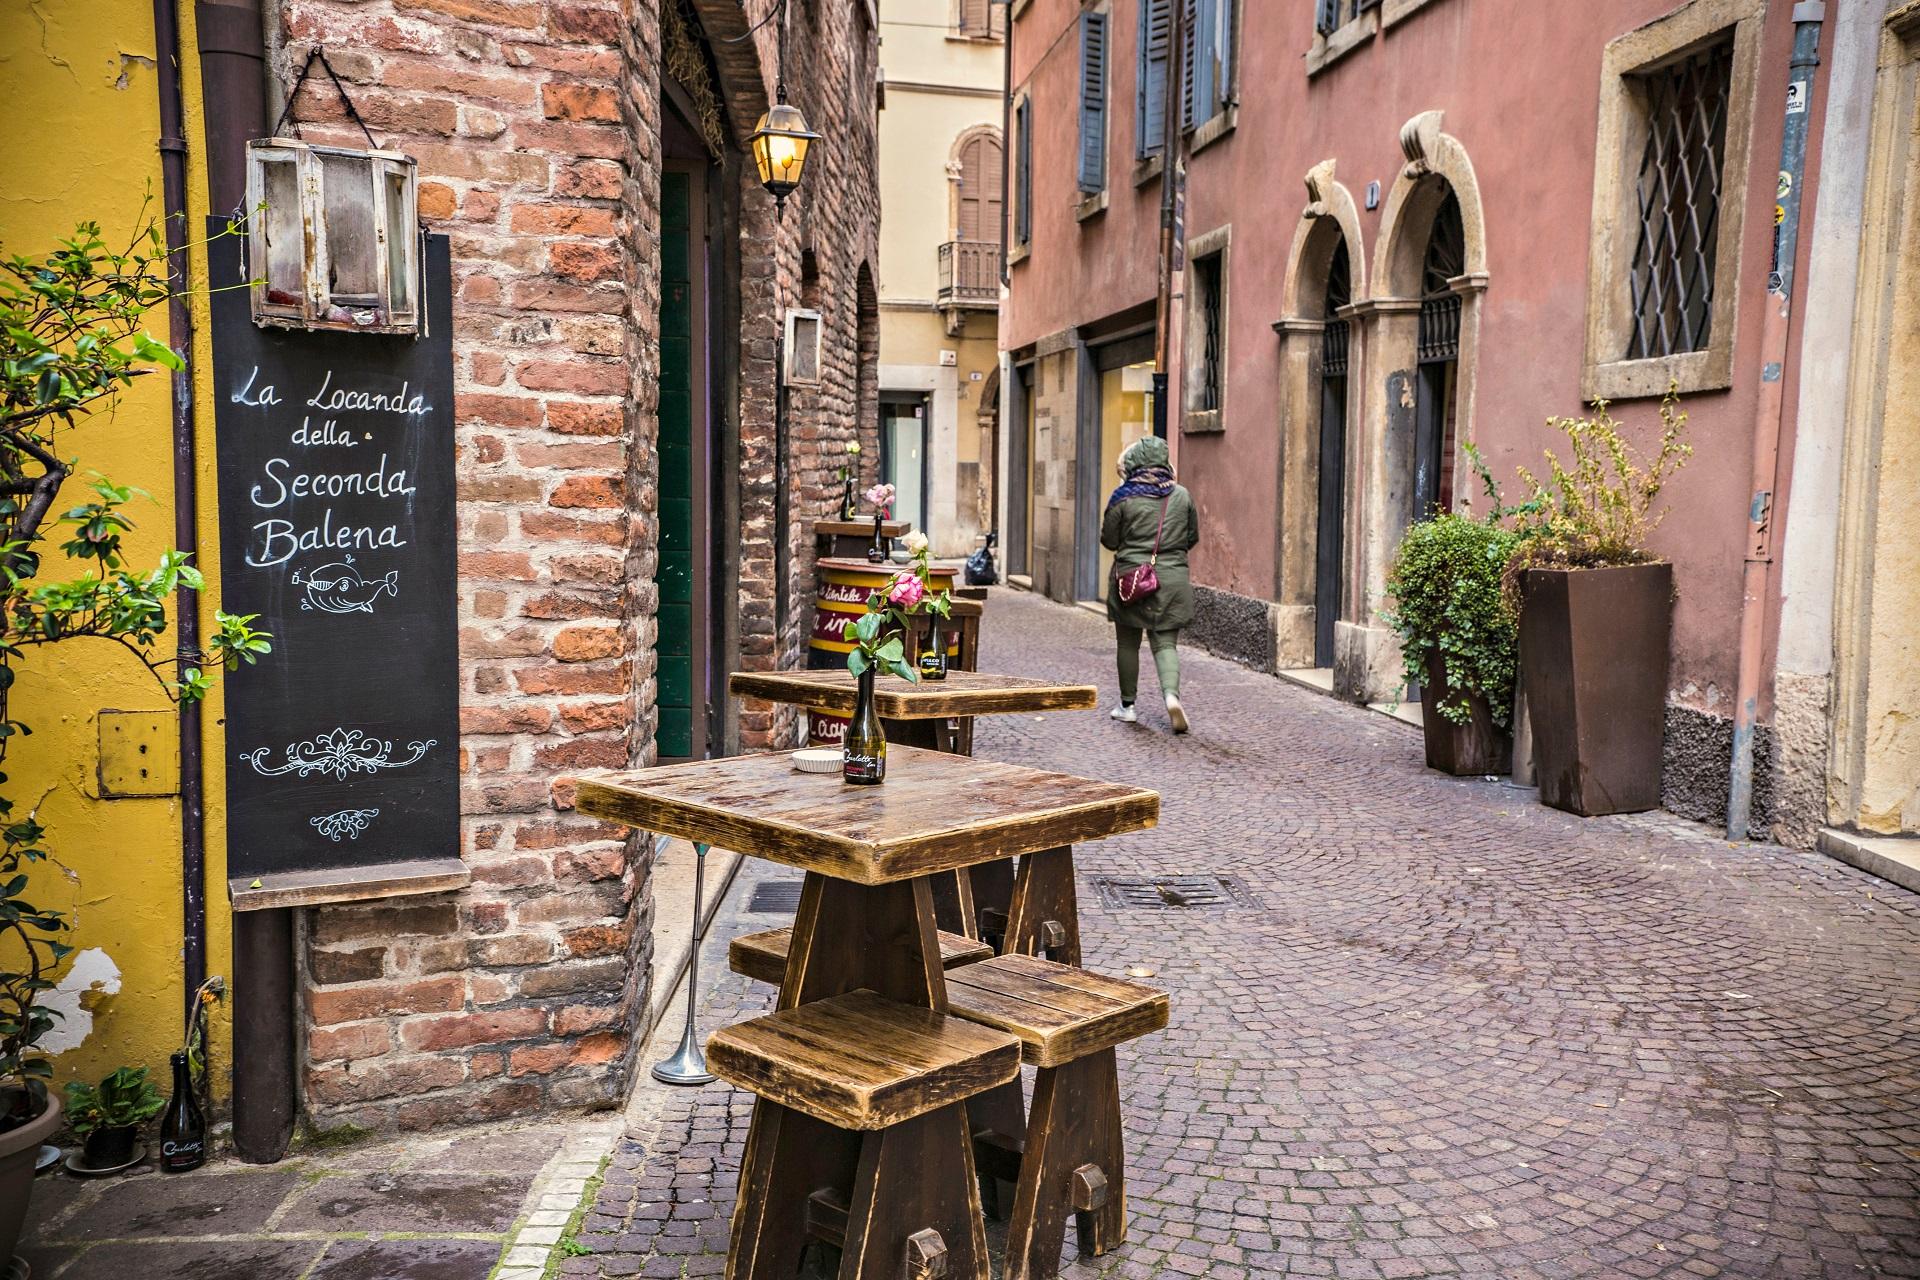 Eine Bar in den Gassen Veronas